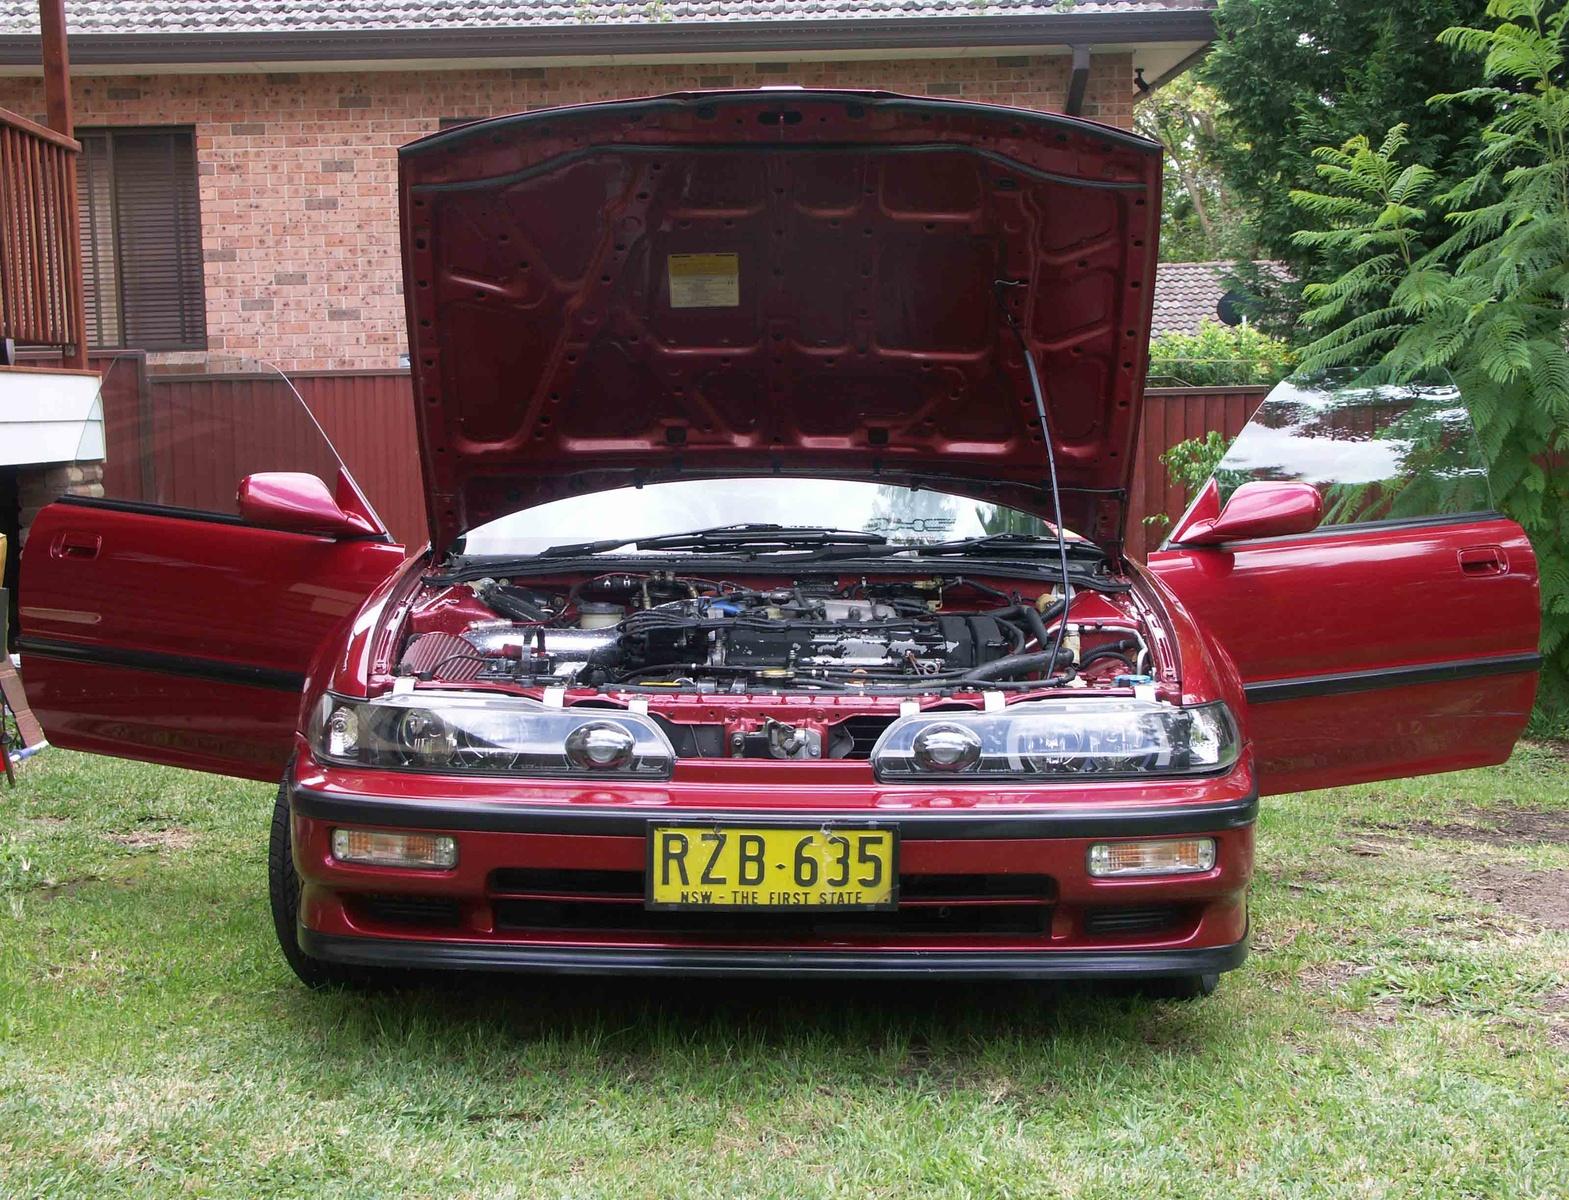 http://1.bp.blogspot.com/-vEClrpgBTPE/T7KfzKx5lQI/AAAAAAAACak/YYHAaLIzWcU/s1600/1990+Acura+Integra_7.jpeg